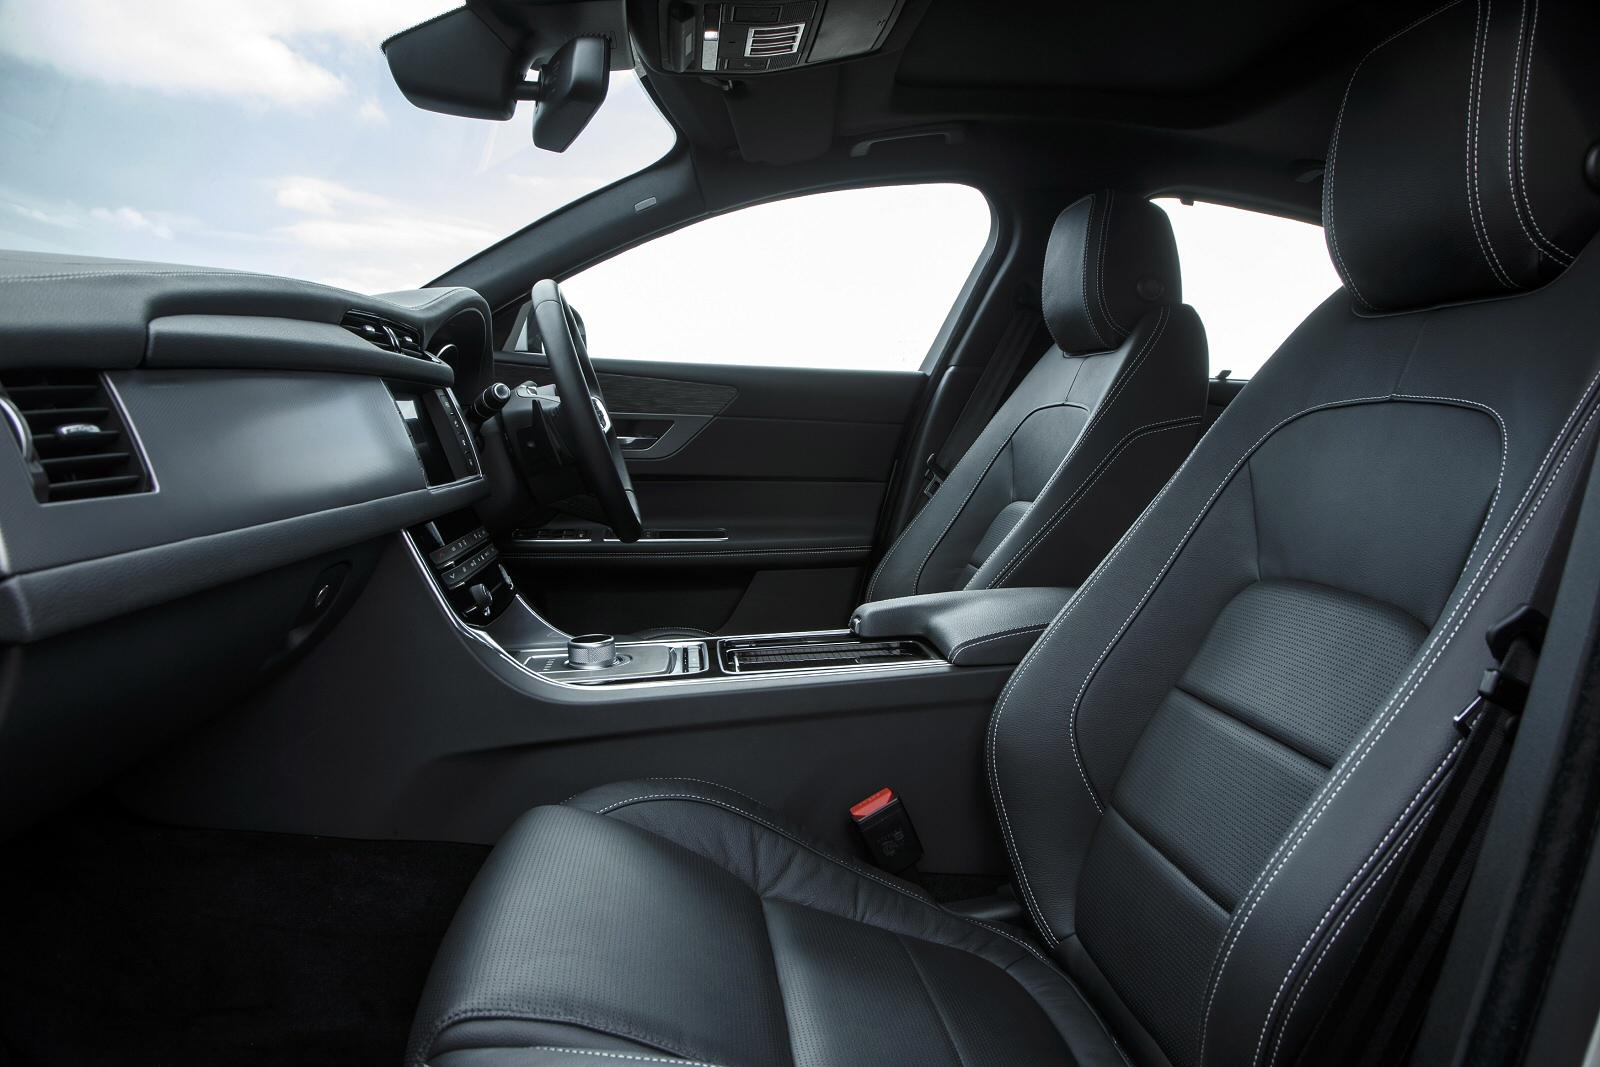 Vehicle Leasing | JAGUAR XF 2.0d [180] R-Sport 4dr Auto AWD - Jet ...